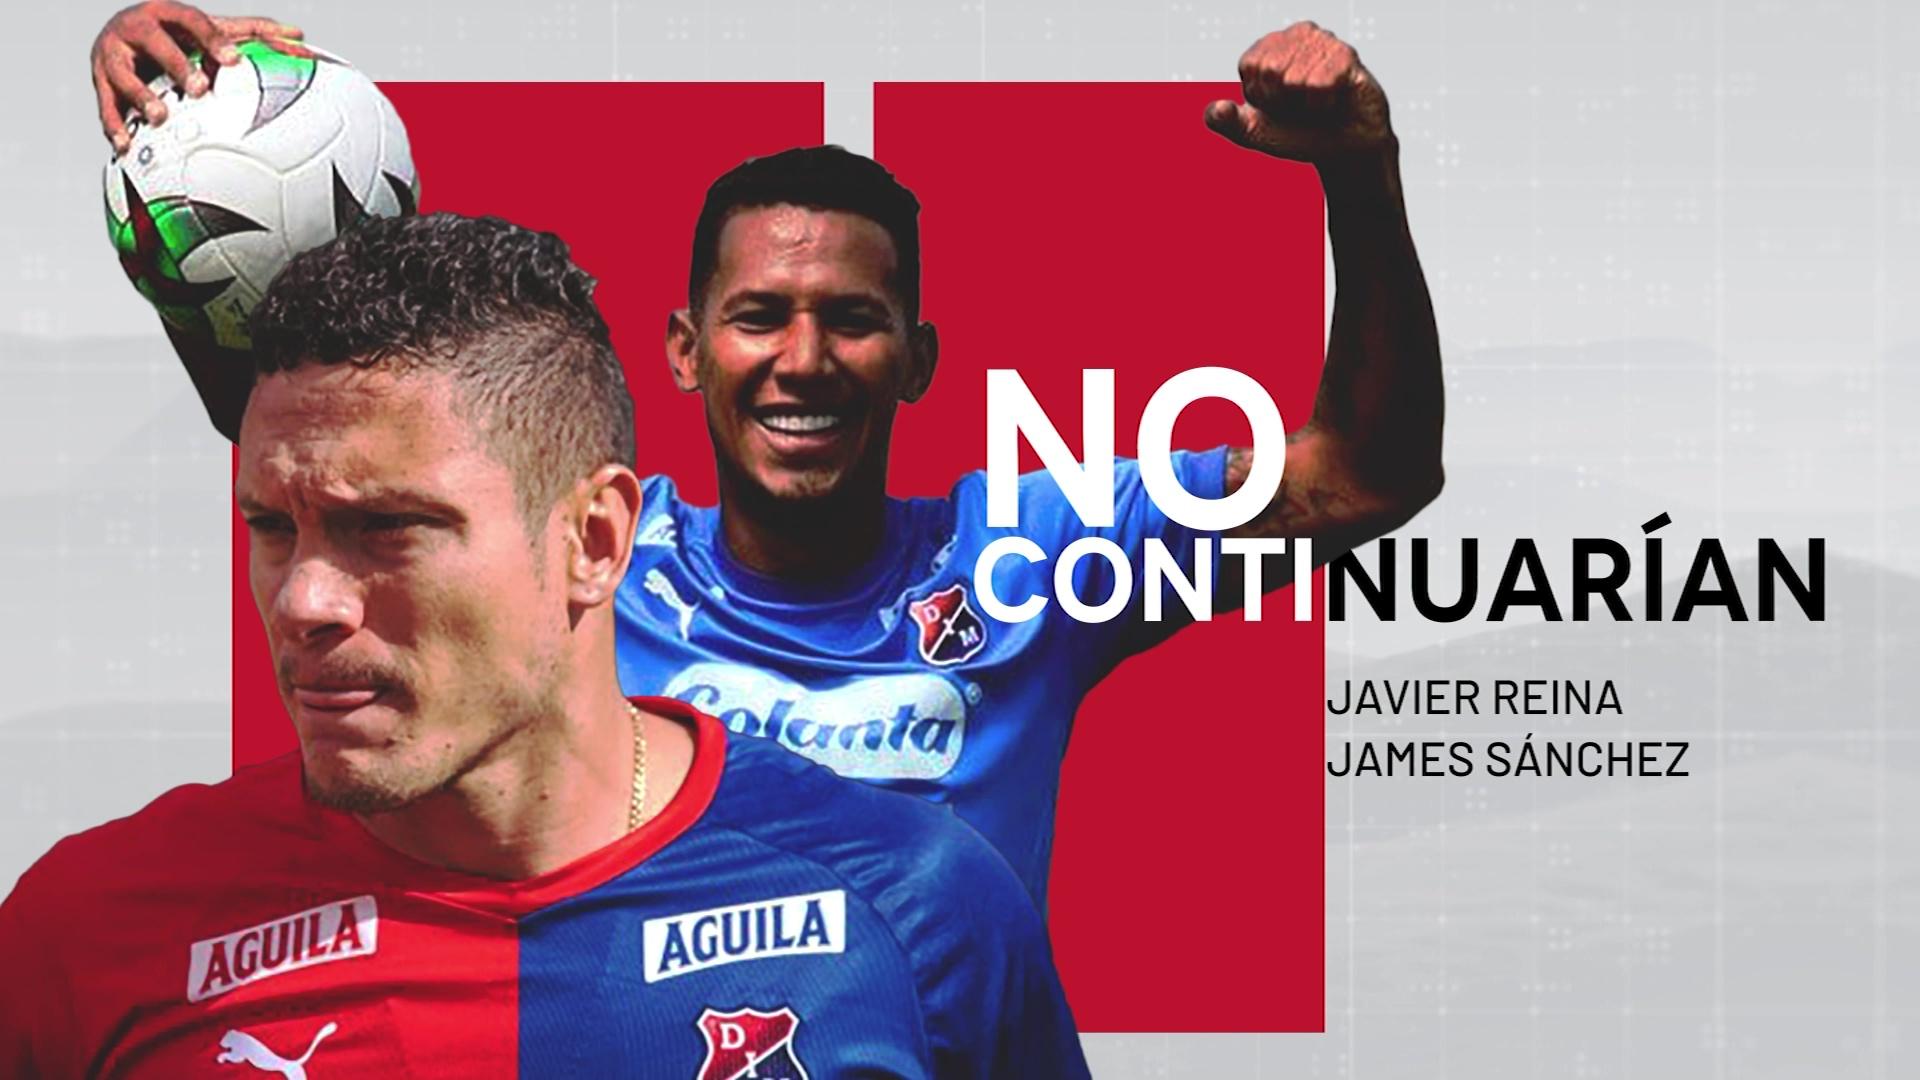 Javier Reina y James Sánchez no seguirían en el Medellín